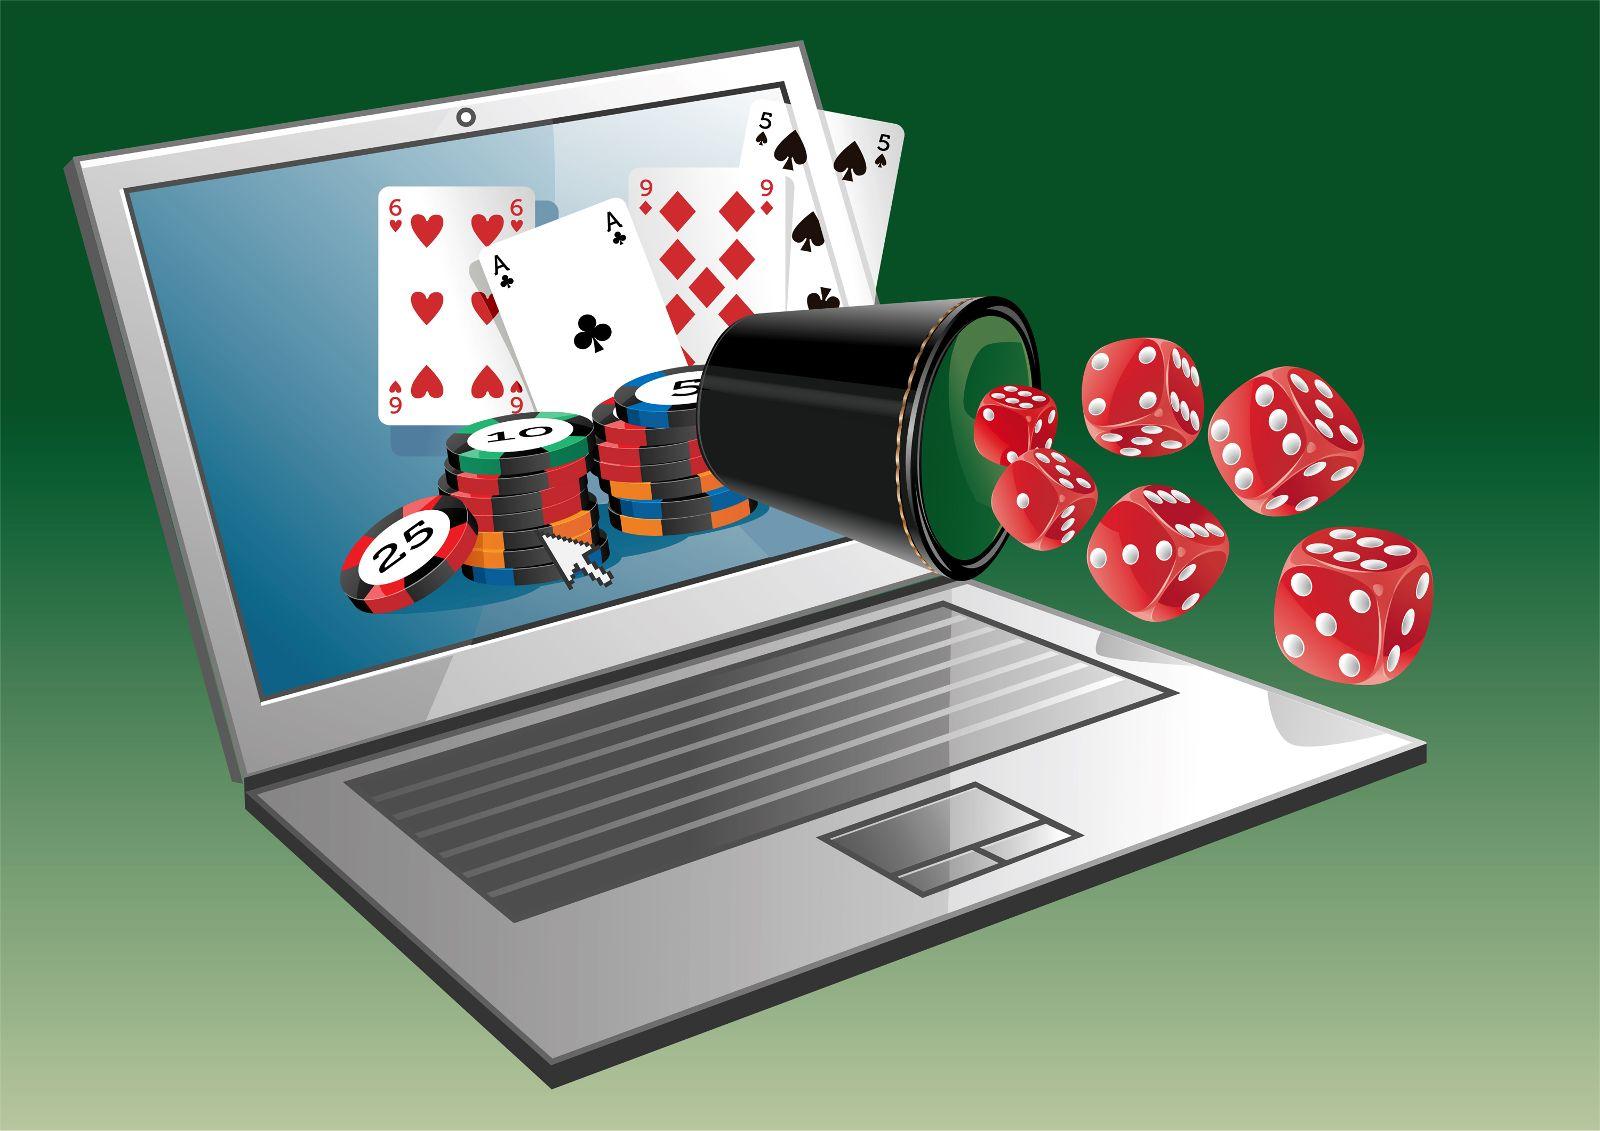 Situs Judi Online - Coklatpoker.com